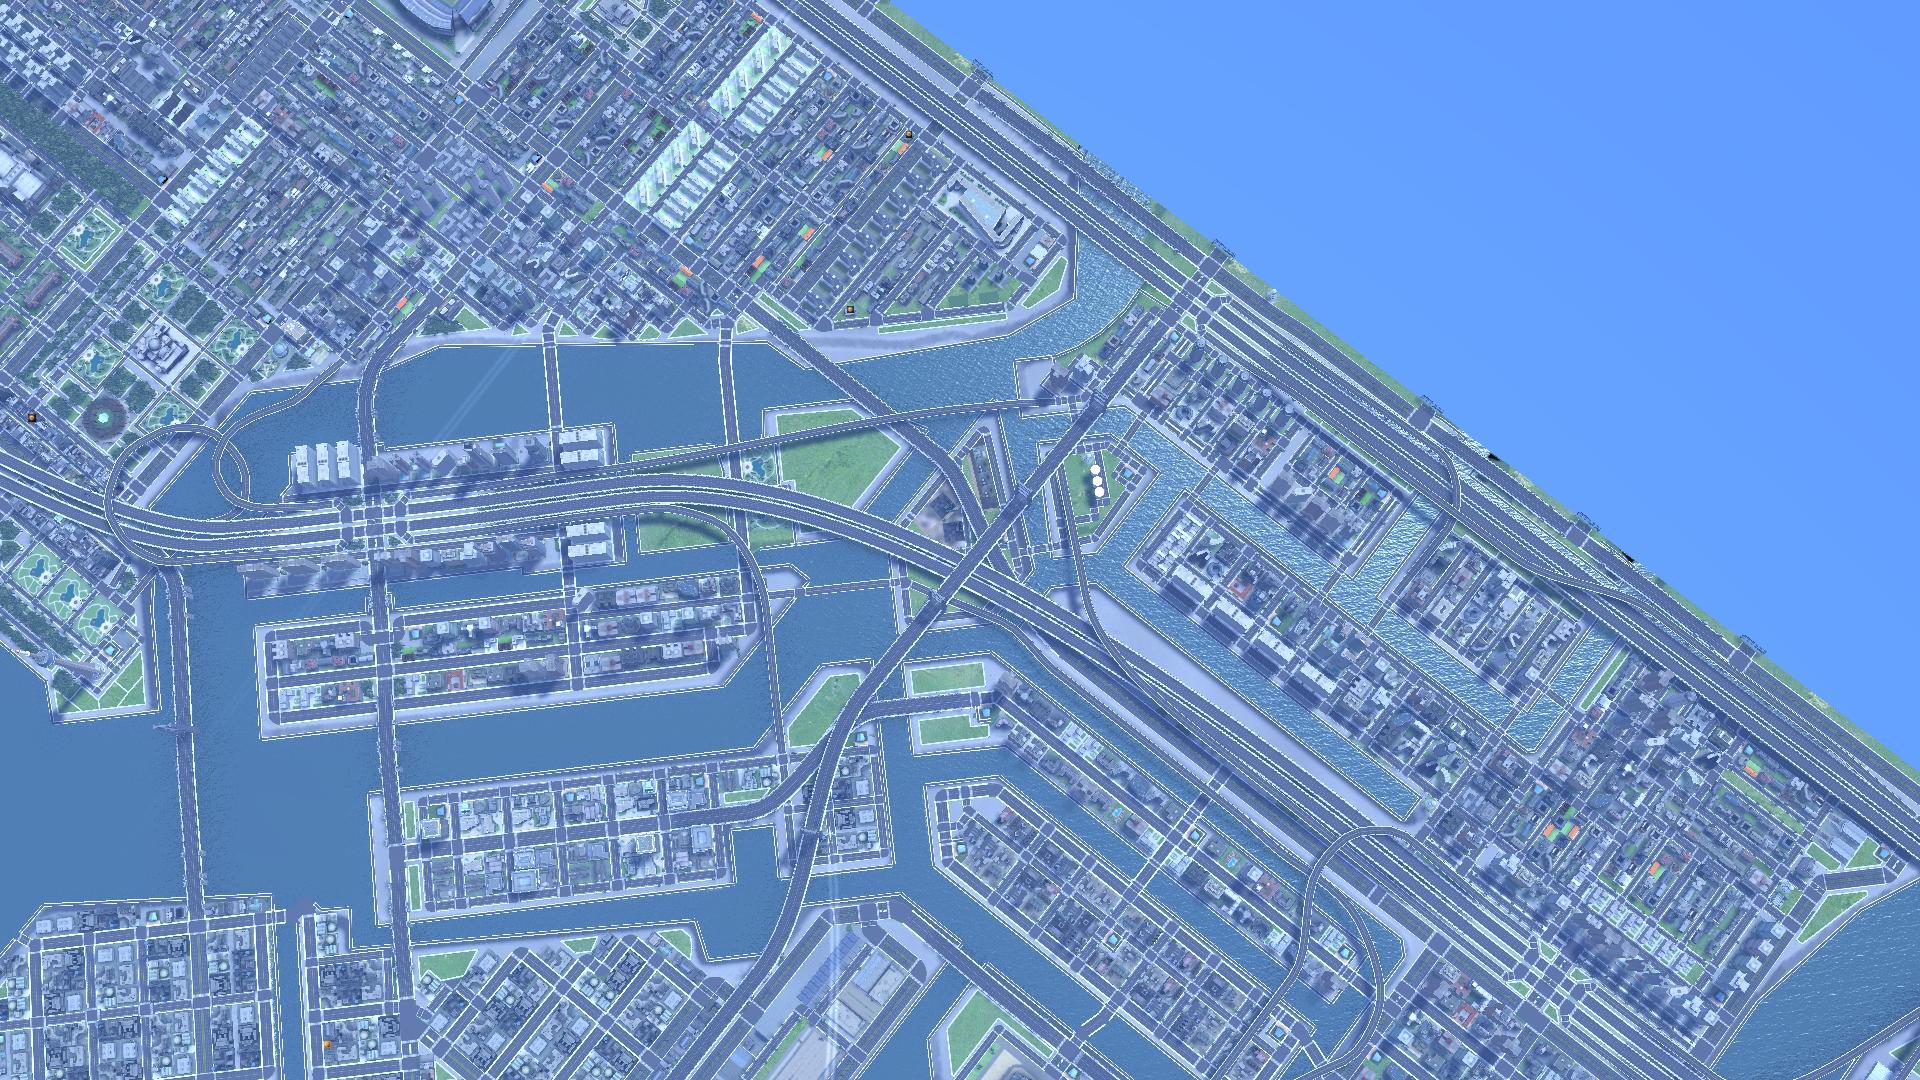 CitiesXL_2012 2014-11-06 16-56-54-99.jpg